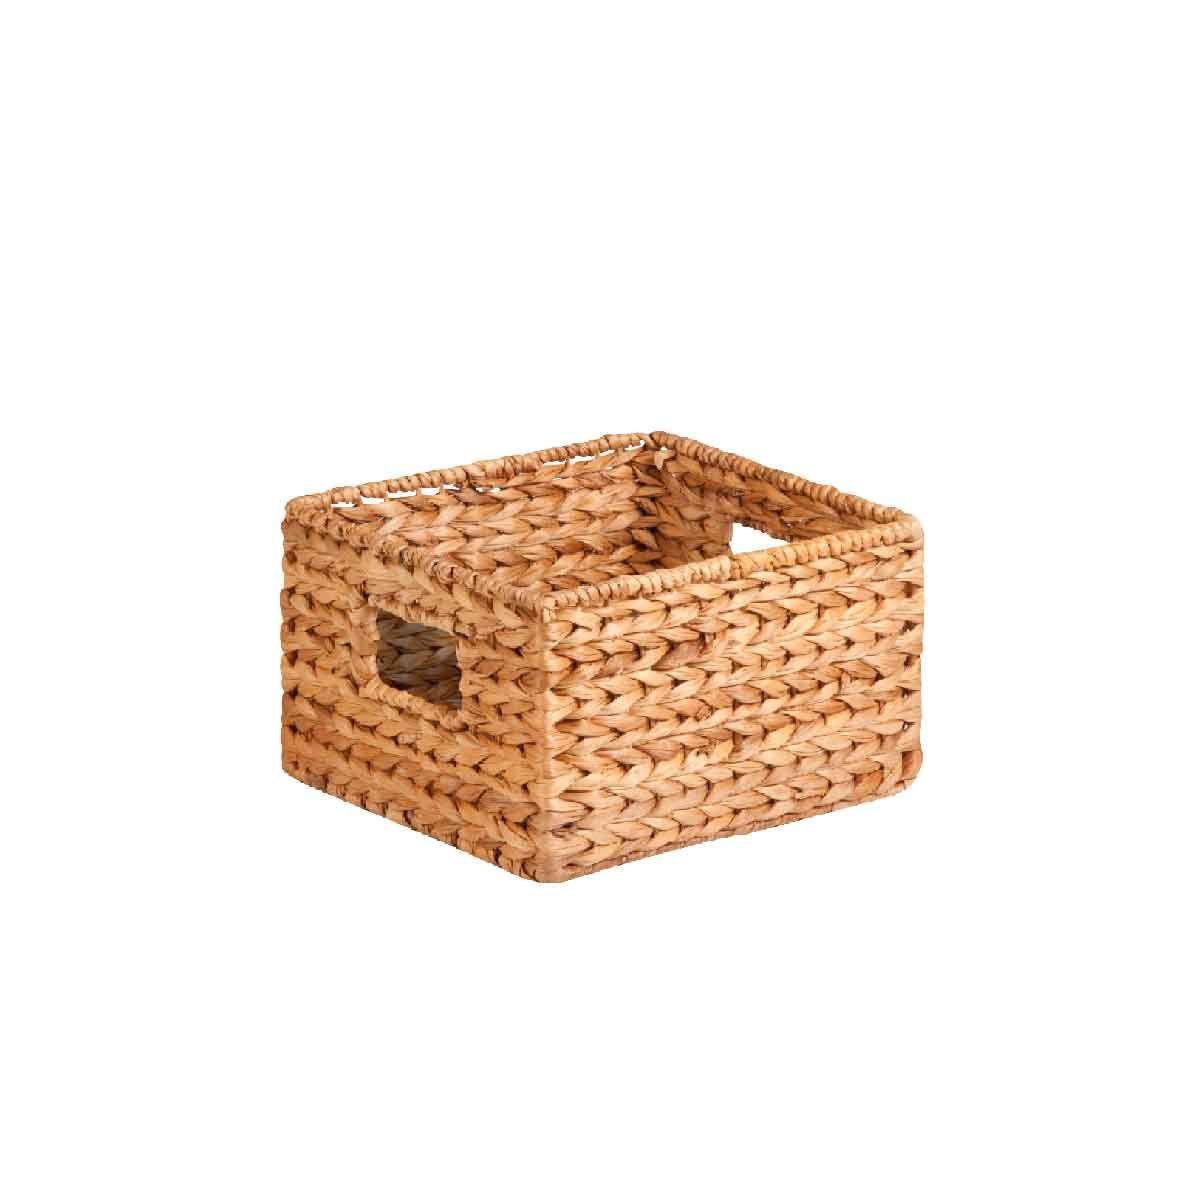 petit rangement carr en jacinthe d 39 eau 15x23x23. Black Bedroom Furniture Sets. Home Design Ideas